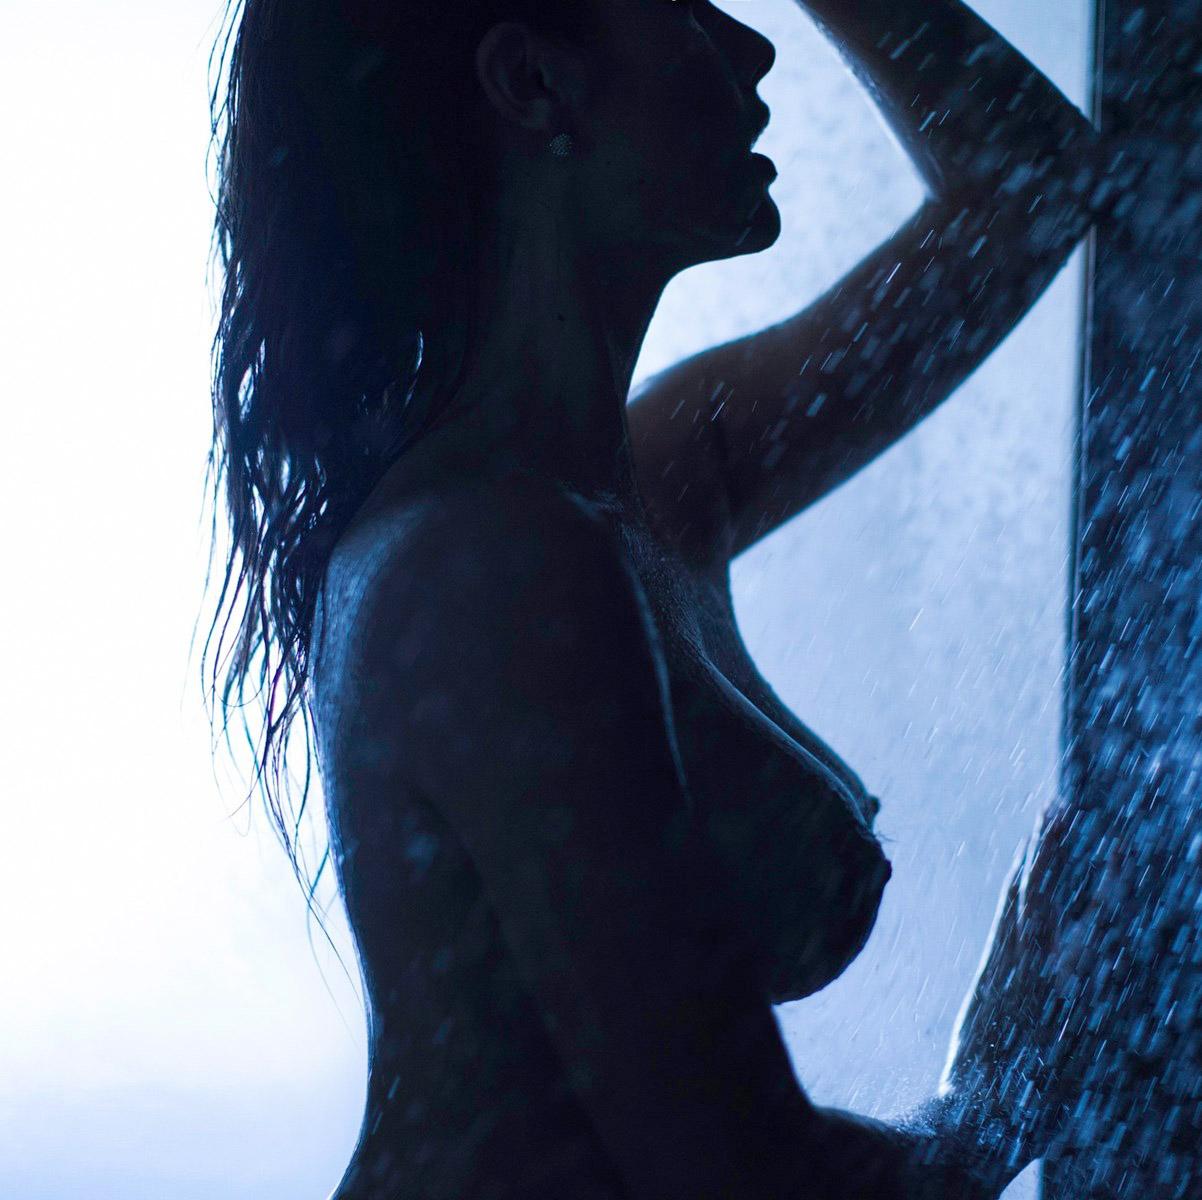 Model Amanda Cerny nude Playboy photos